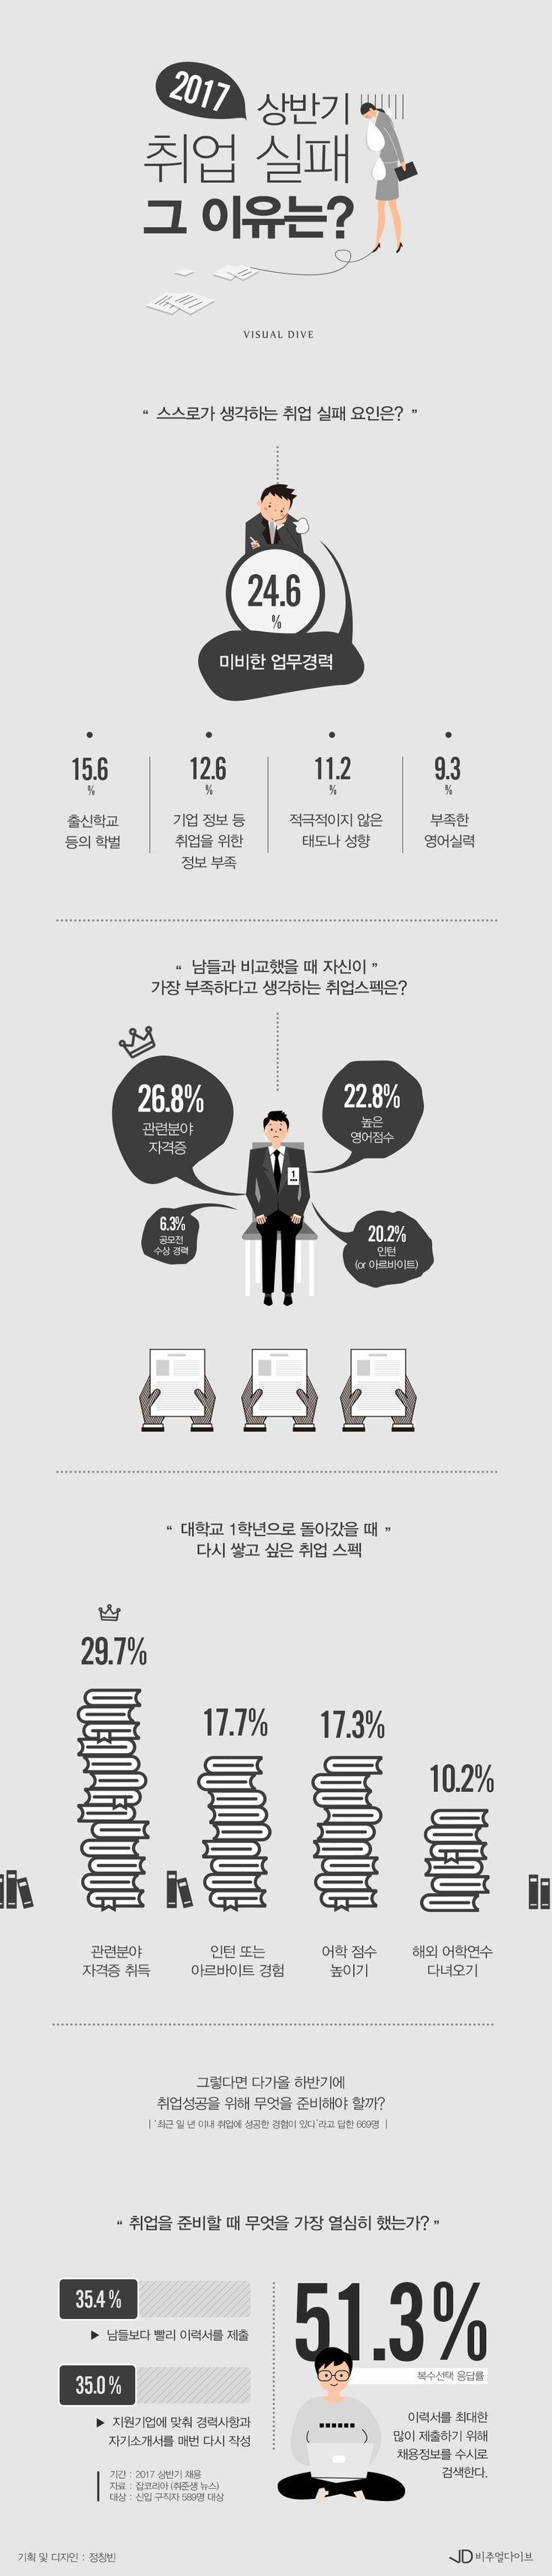 """""""2017 상반기 취업실패 이유는 무엇일까?"""" [인포그래픽] #job / #Infographic ⓒ 비주얼다이브 무단 복사·전재·재배포 금지"""